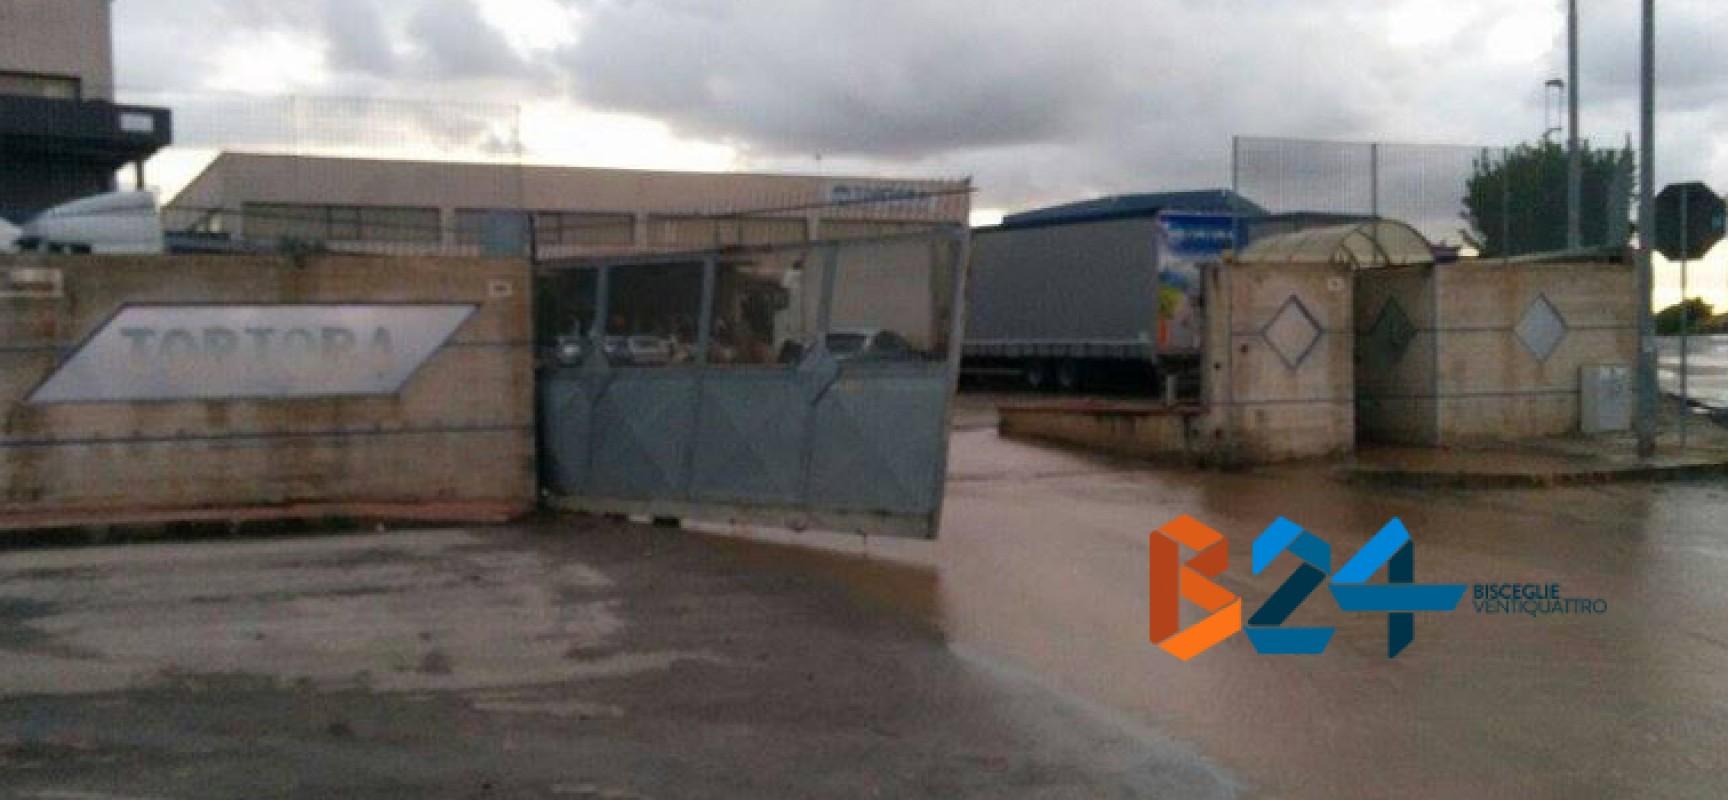 Maltempo: Lama di Macina, ferito operaio intrappolato dopo crollo di un muro